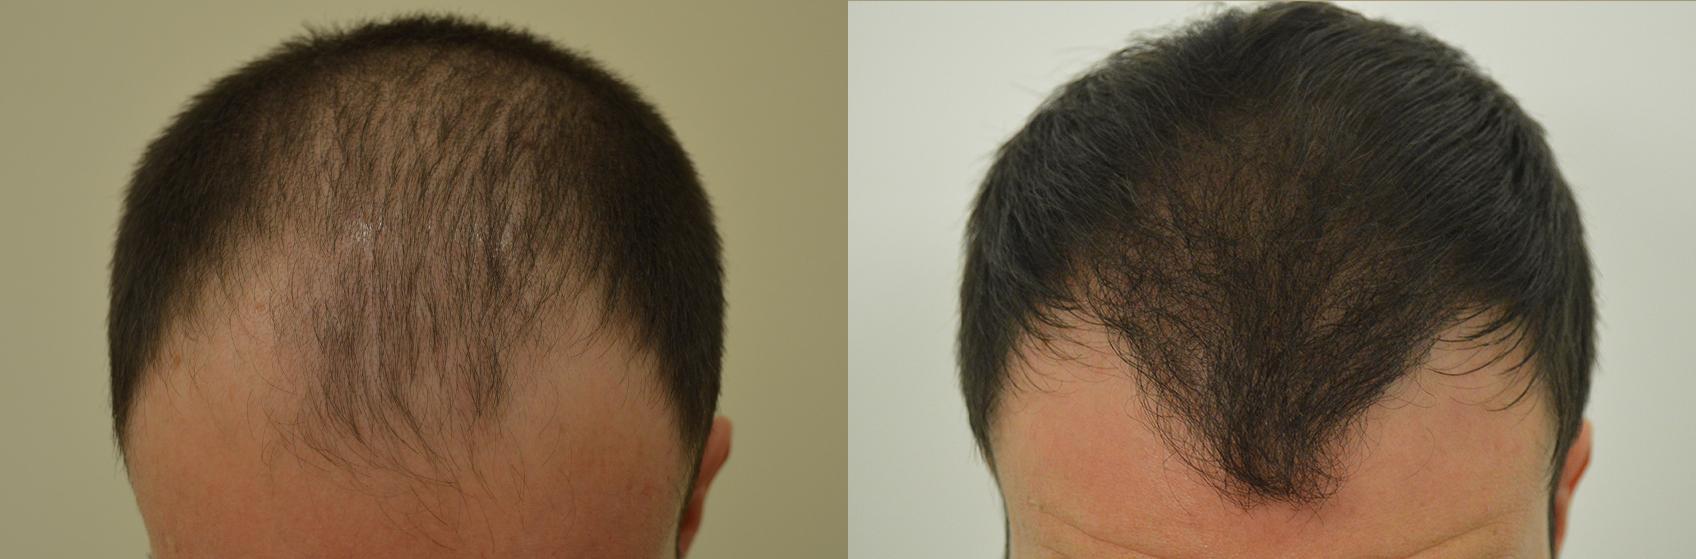 Natura siberica oblepikha risposte di olio di capelli